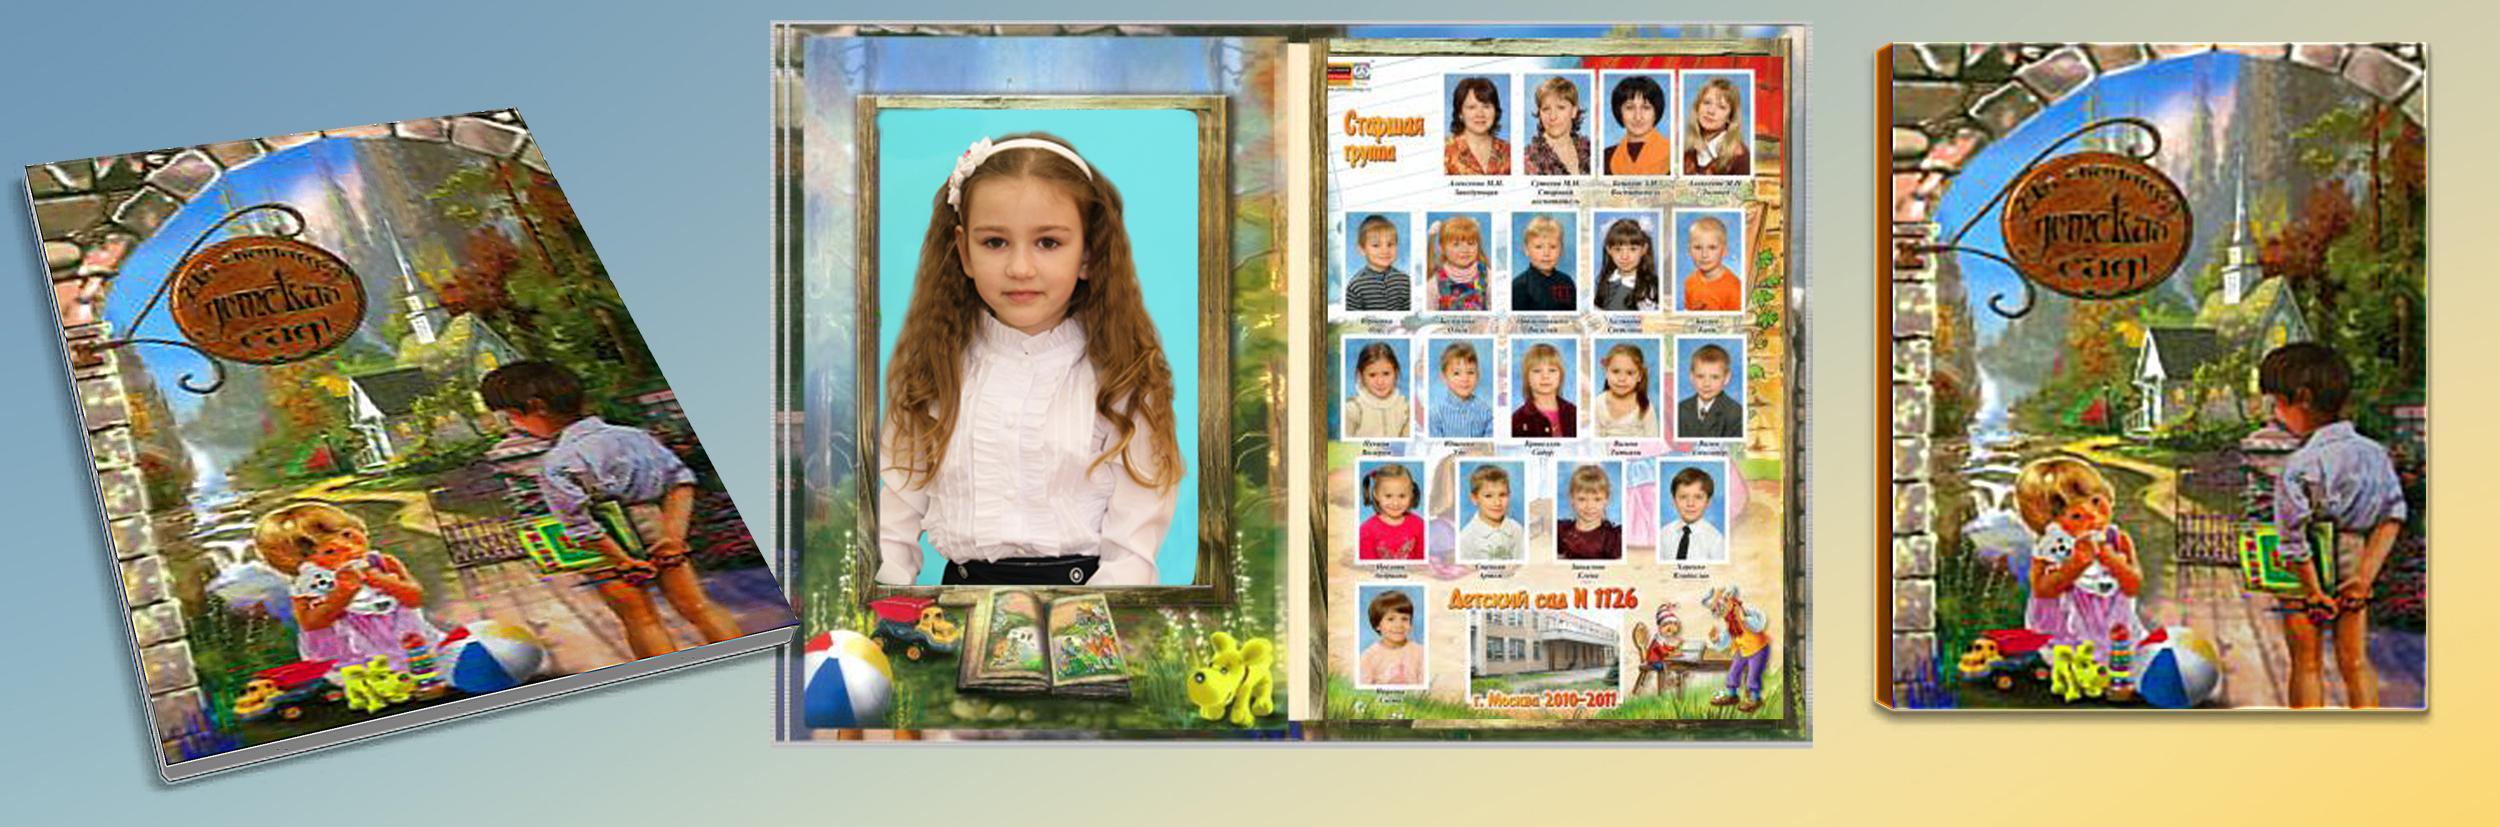 Подписи под фото детям